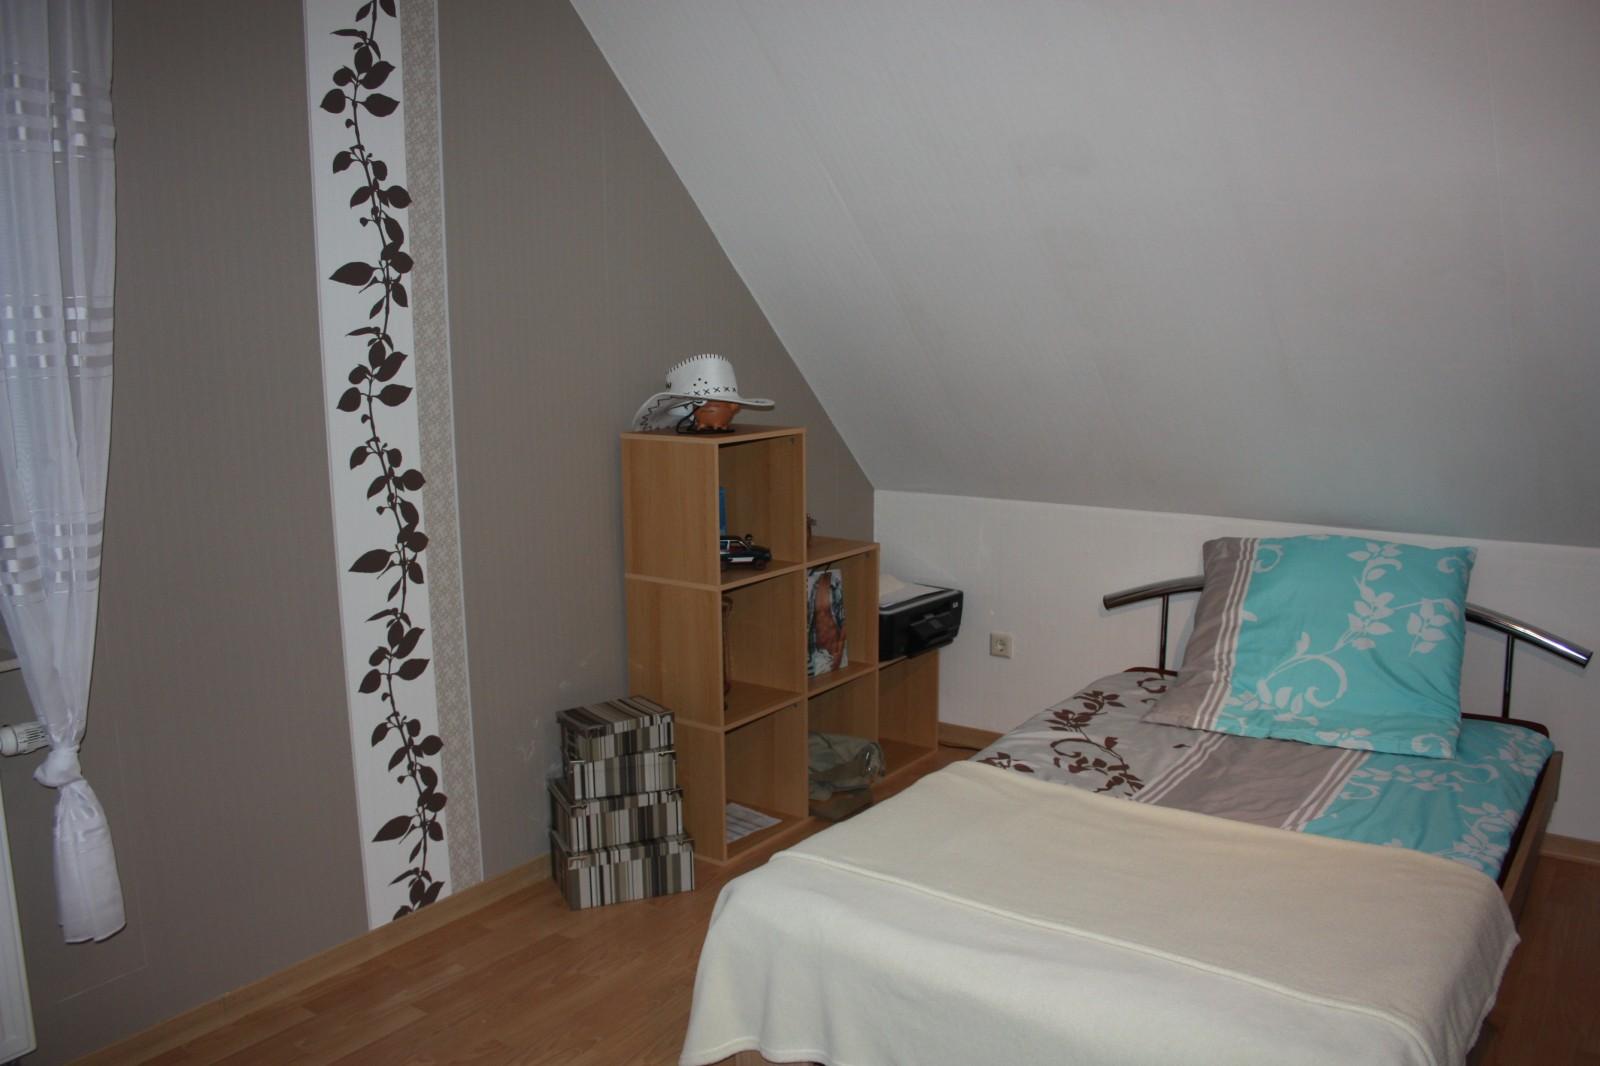 schlafzimmer jugendzimmer lattenroste diy ikea schlafzimmer fronten wei e bettw sche mit blumen. Black Bedroom Furniture Sets. Home Design Ideas